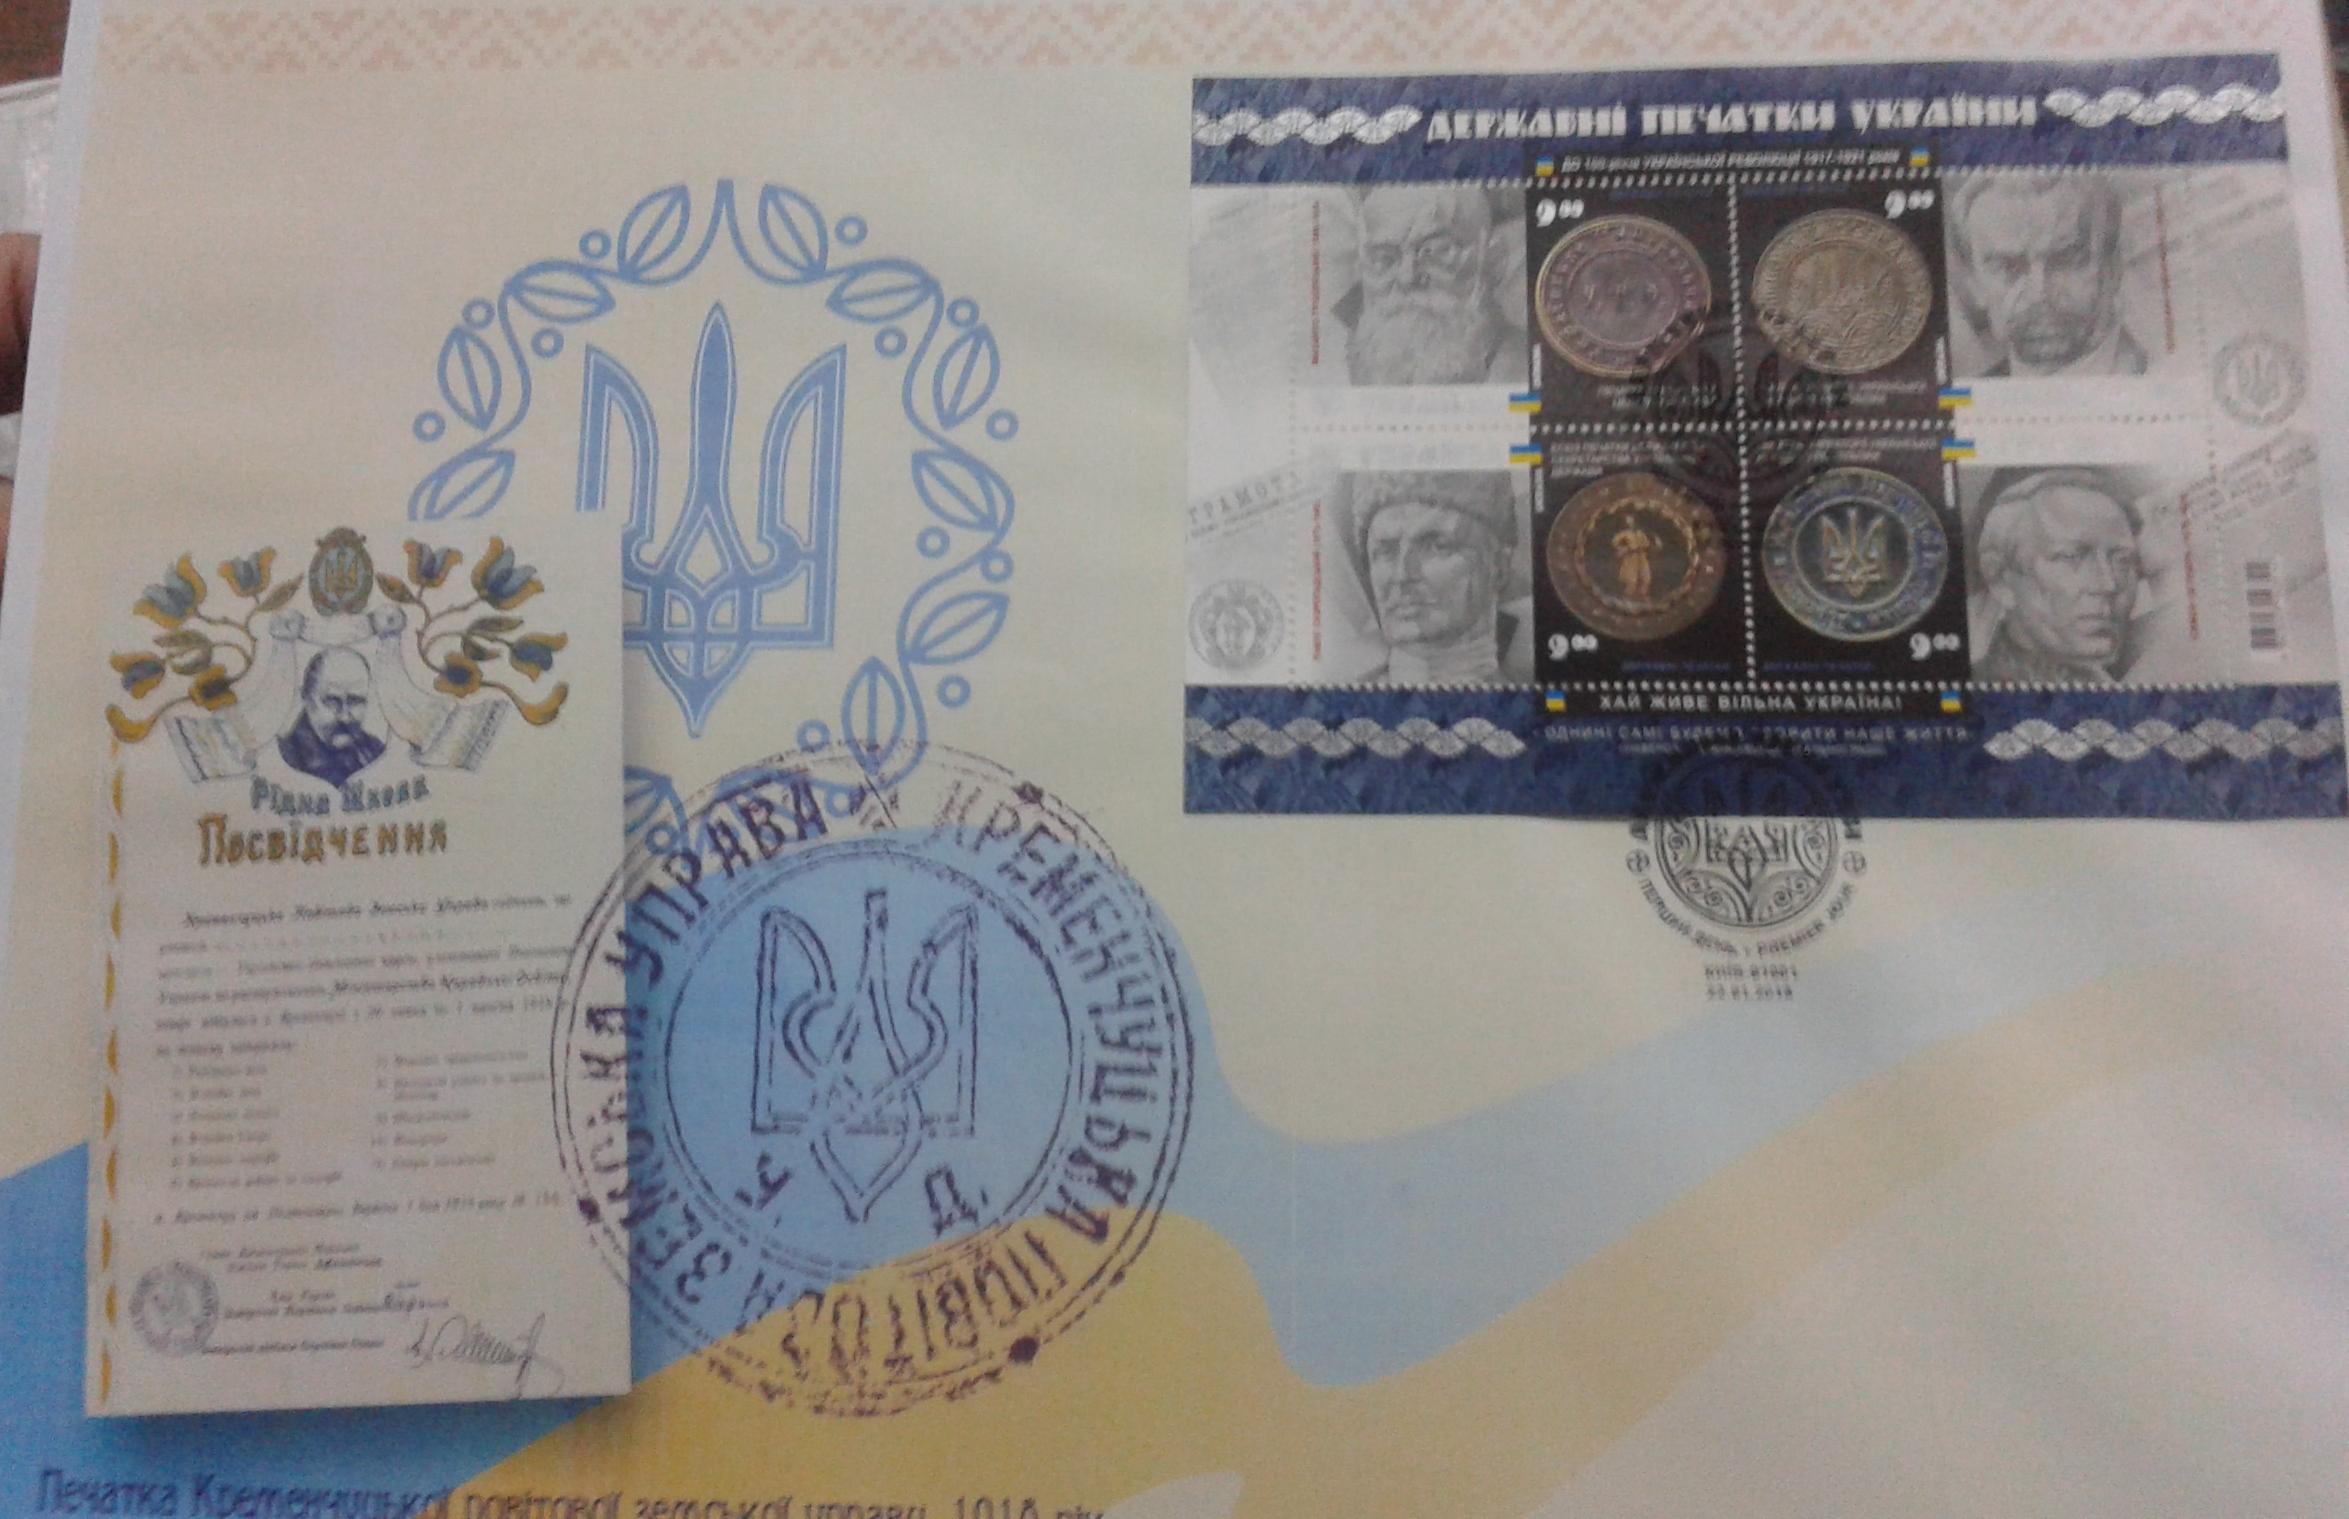 Конверт, випущений Кременчуцькою спілкою філателістів до 100-річчя печатки земської управи